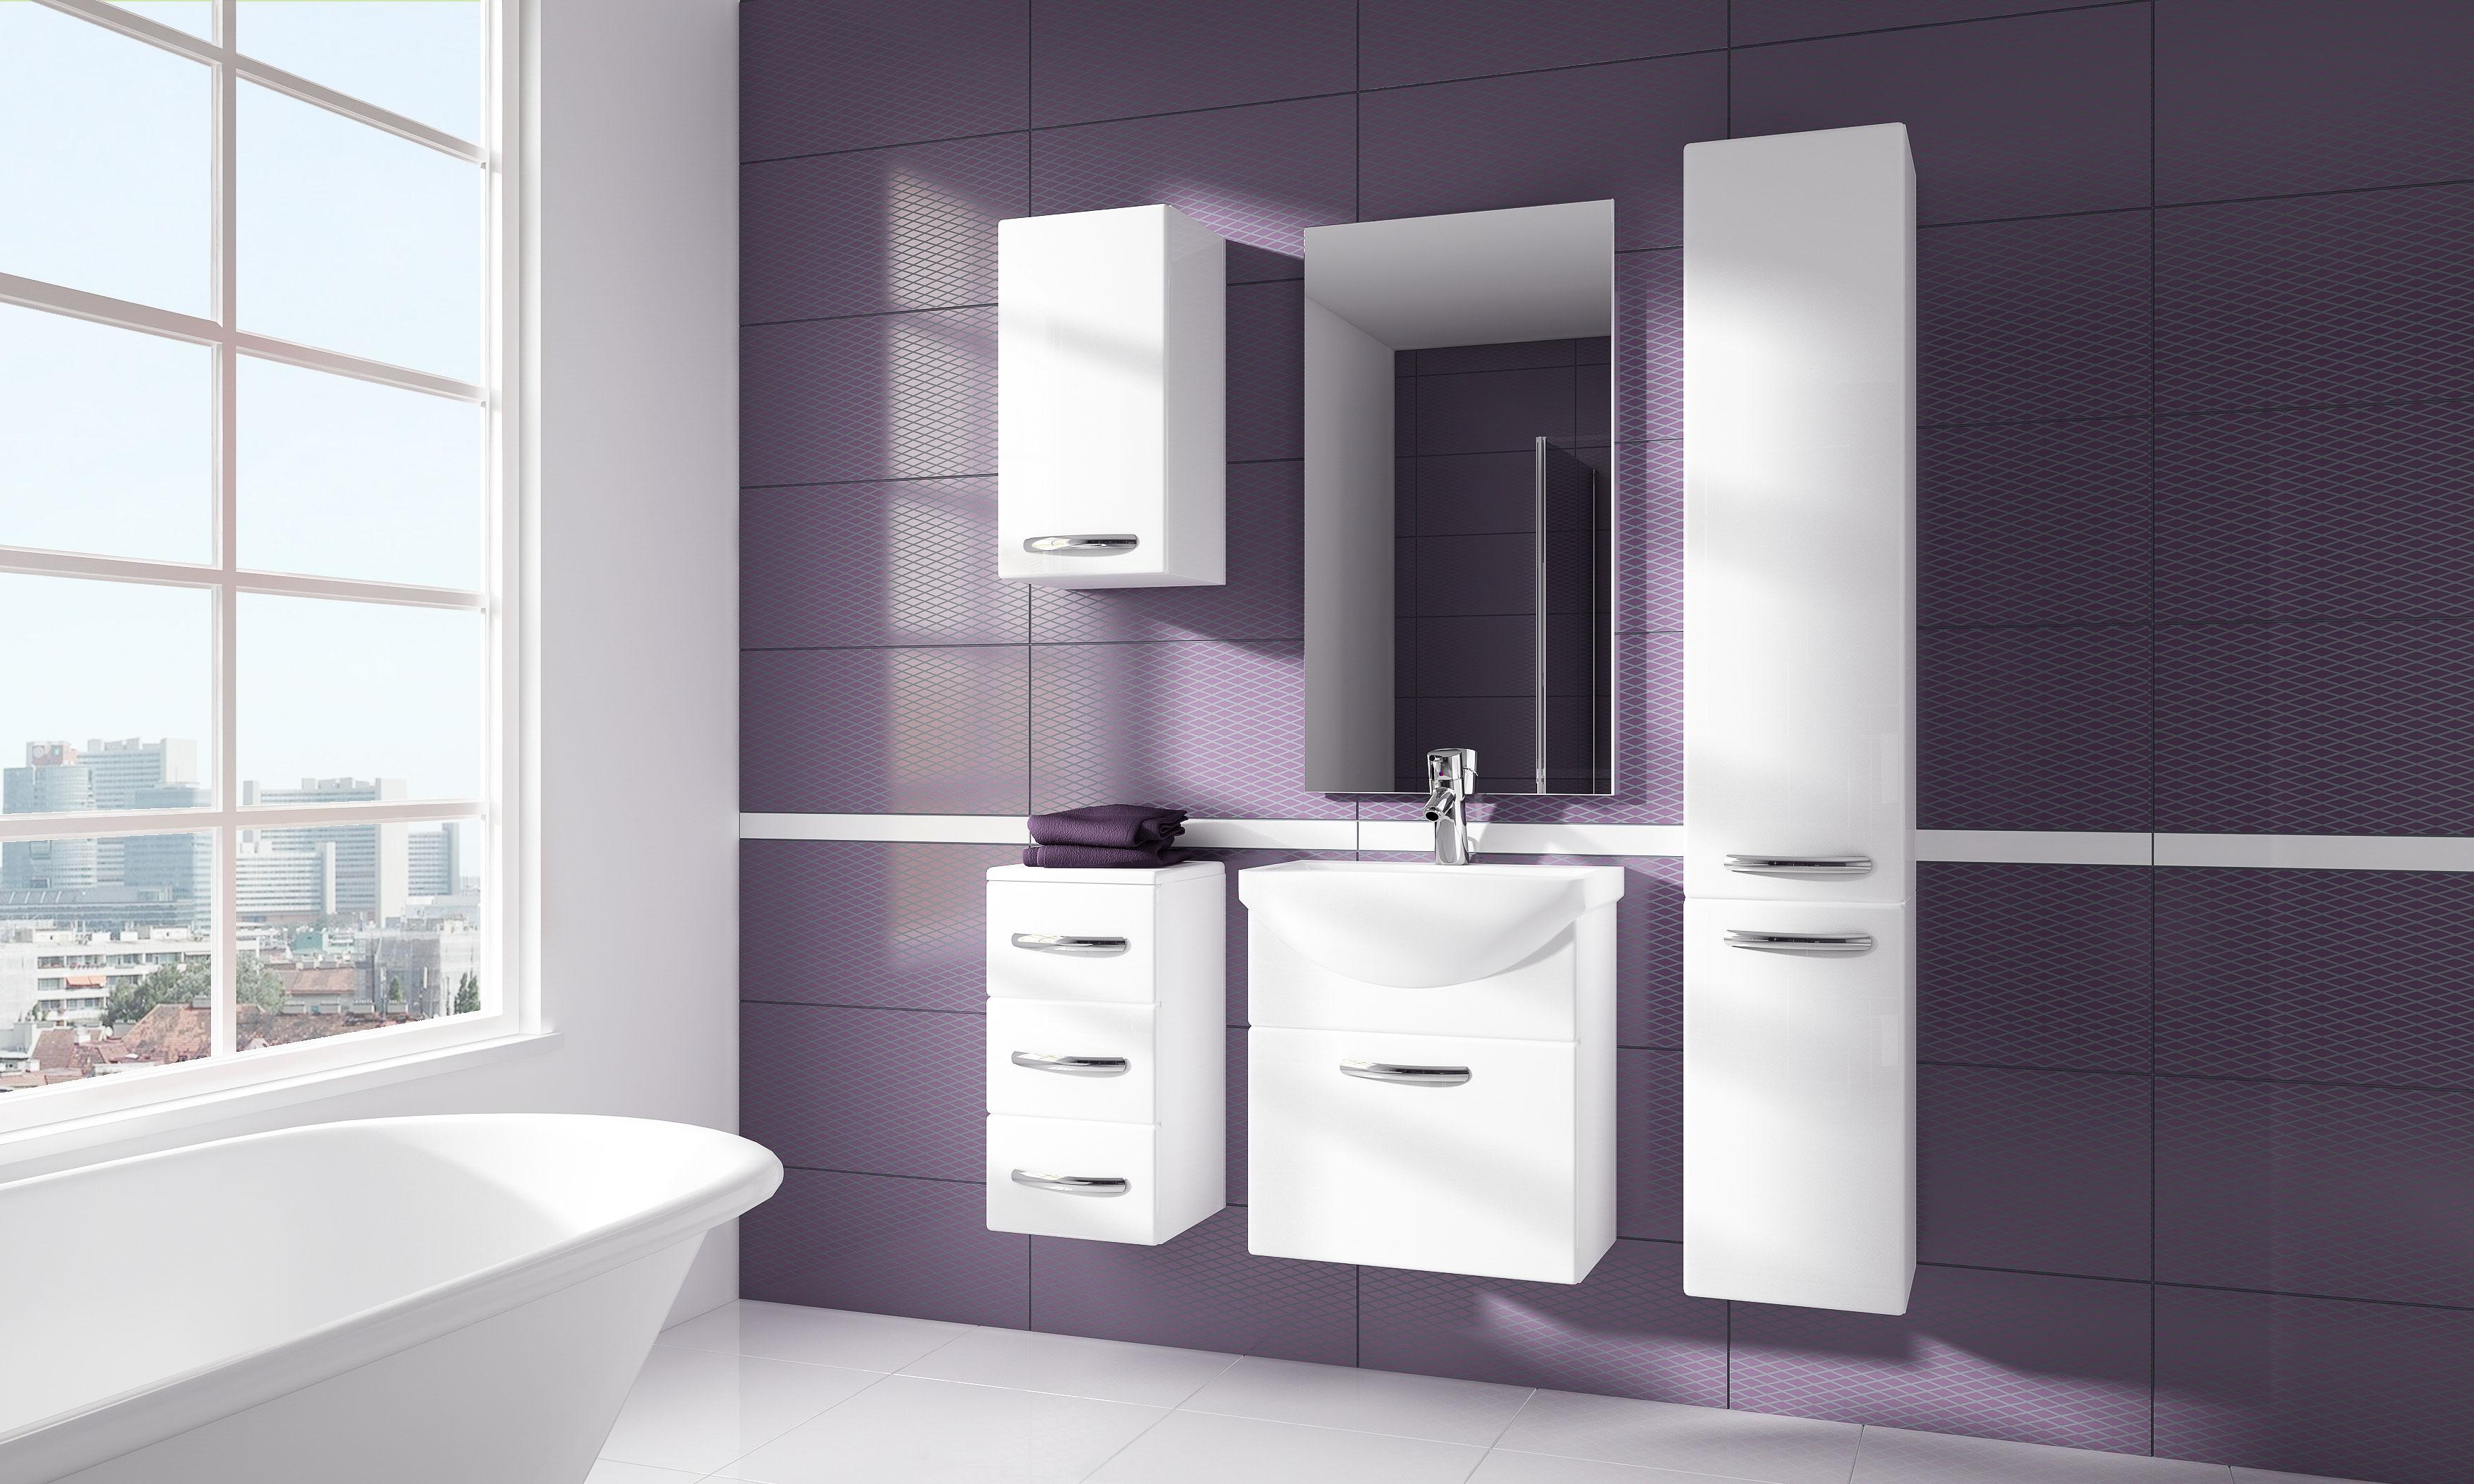 Koupelna - Kajam